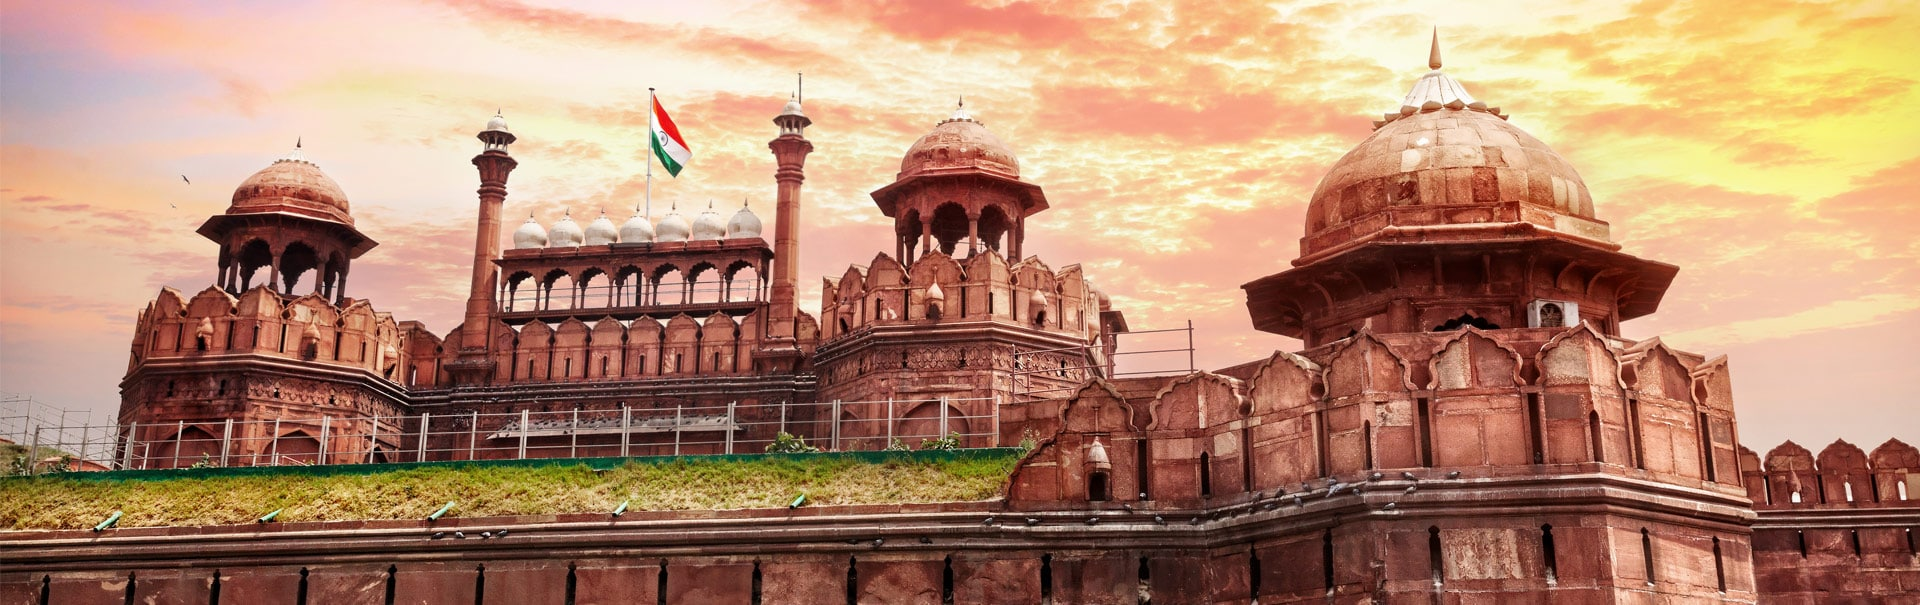 imageUrlhttps://img.veenaworld.com/customized-holidays/india/north-india/shni2/shni2-bnn-1.jpg